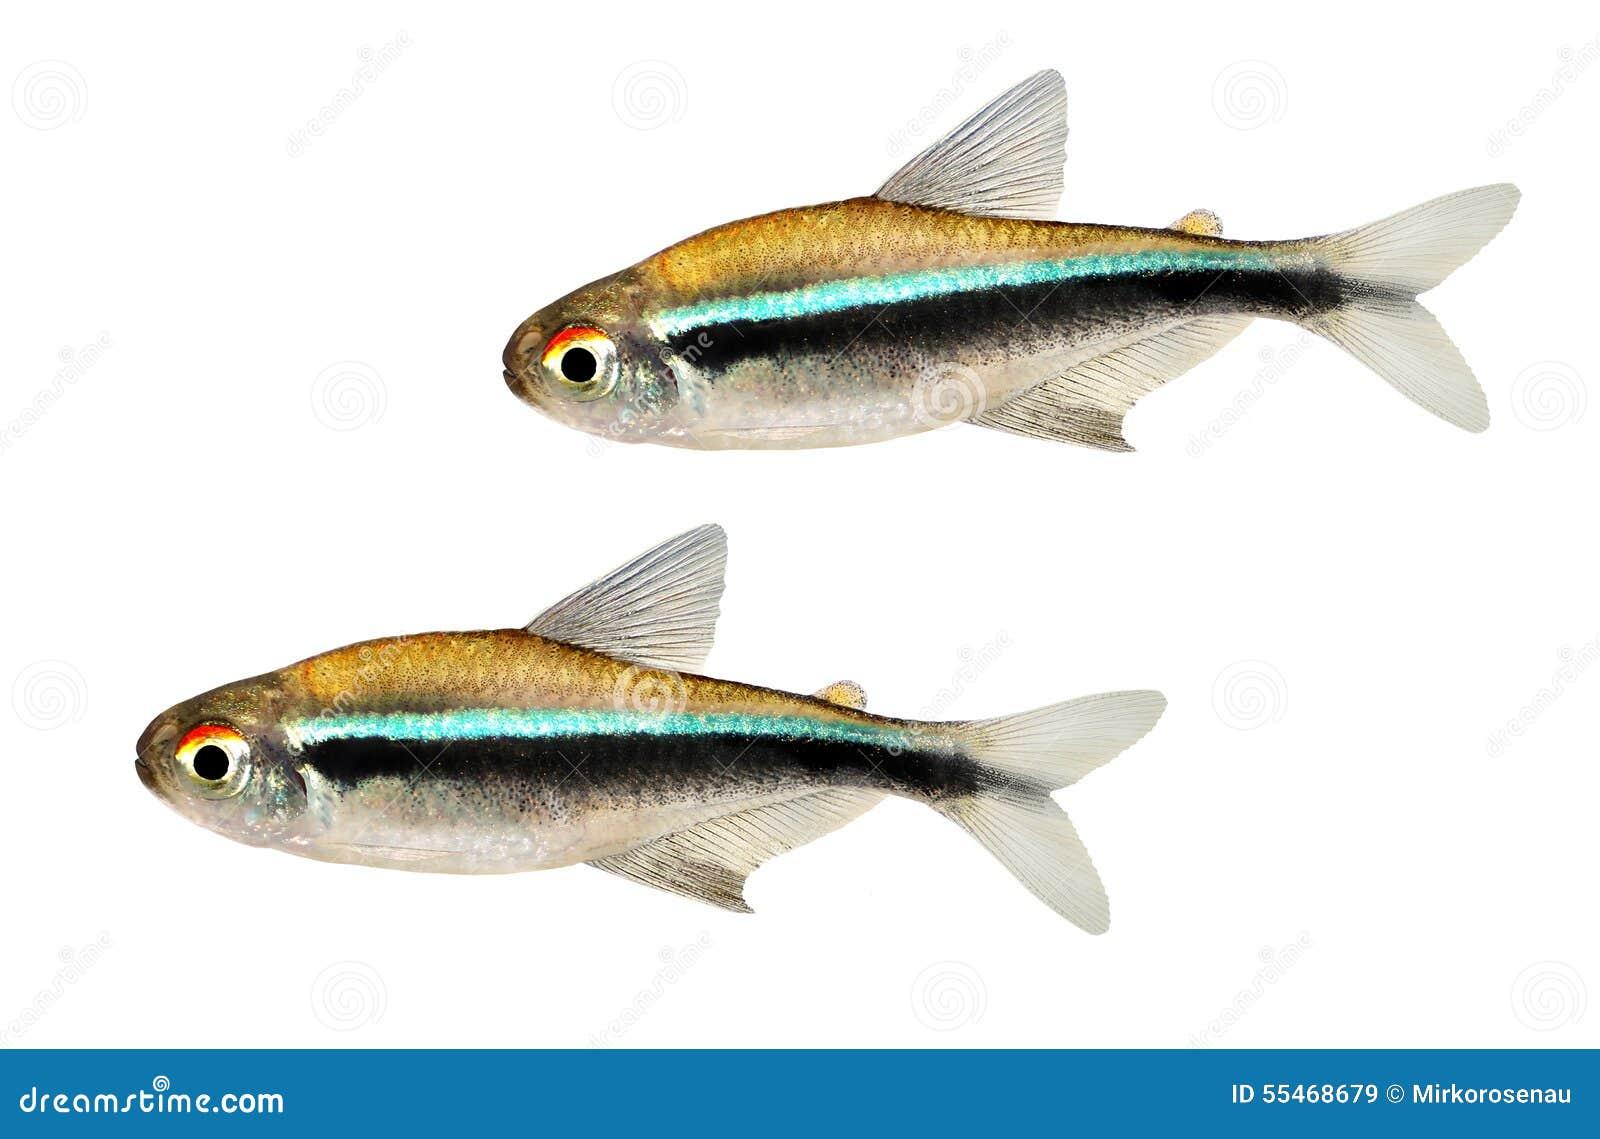 Sciame di tetra pesce al neon nero dell 39 acquario di for Acquario tetra